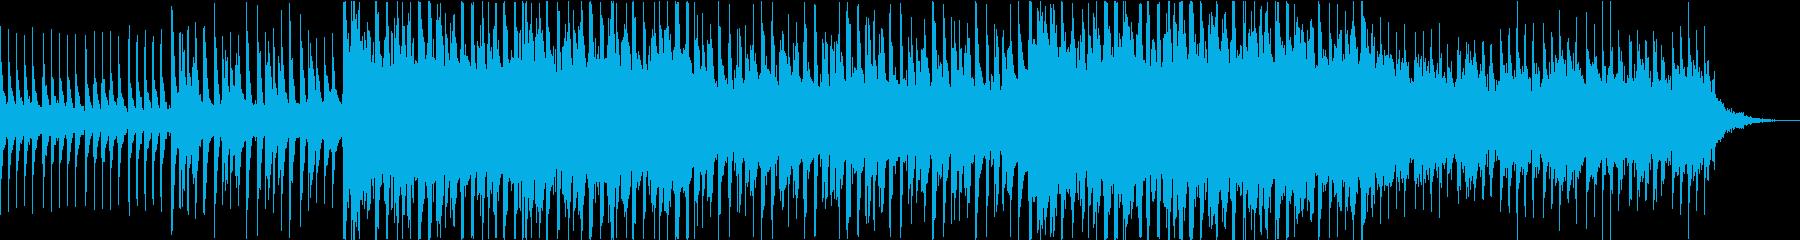 さわやかな雰囲気のテクノ(MIX2)の再生済みの波形